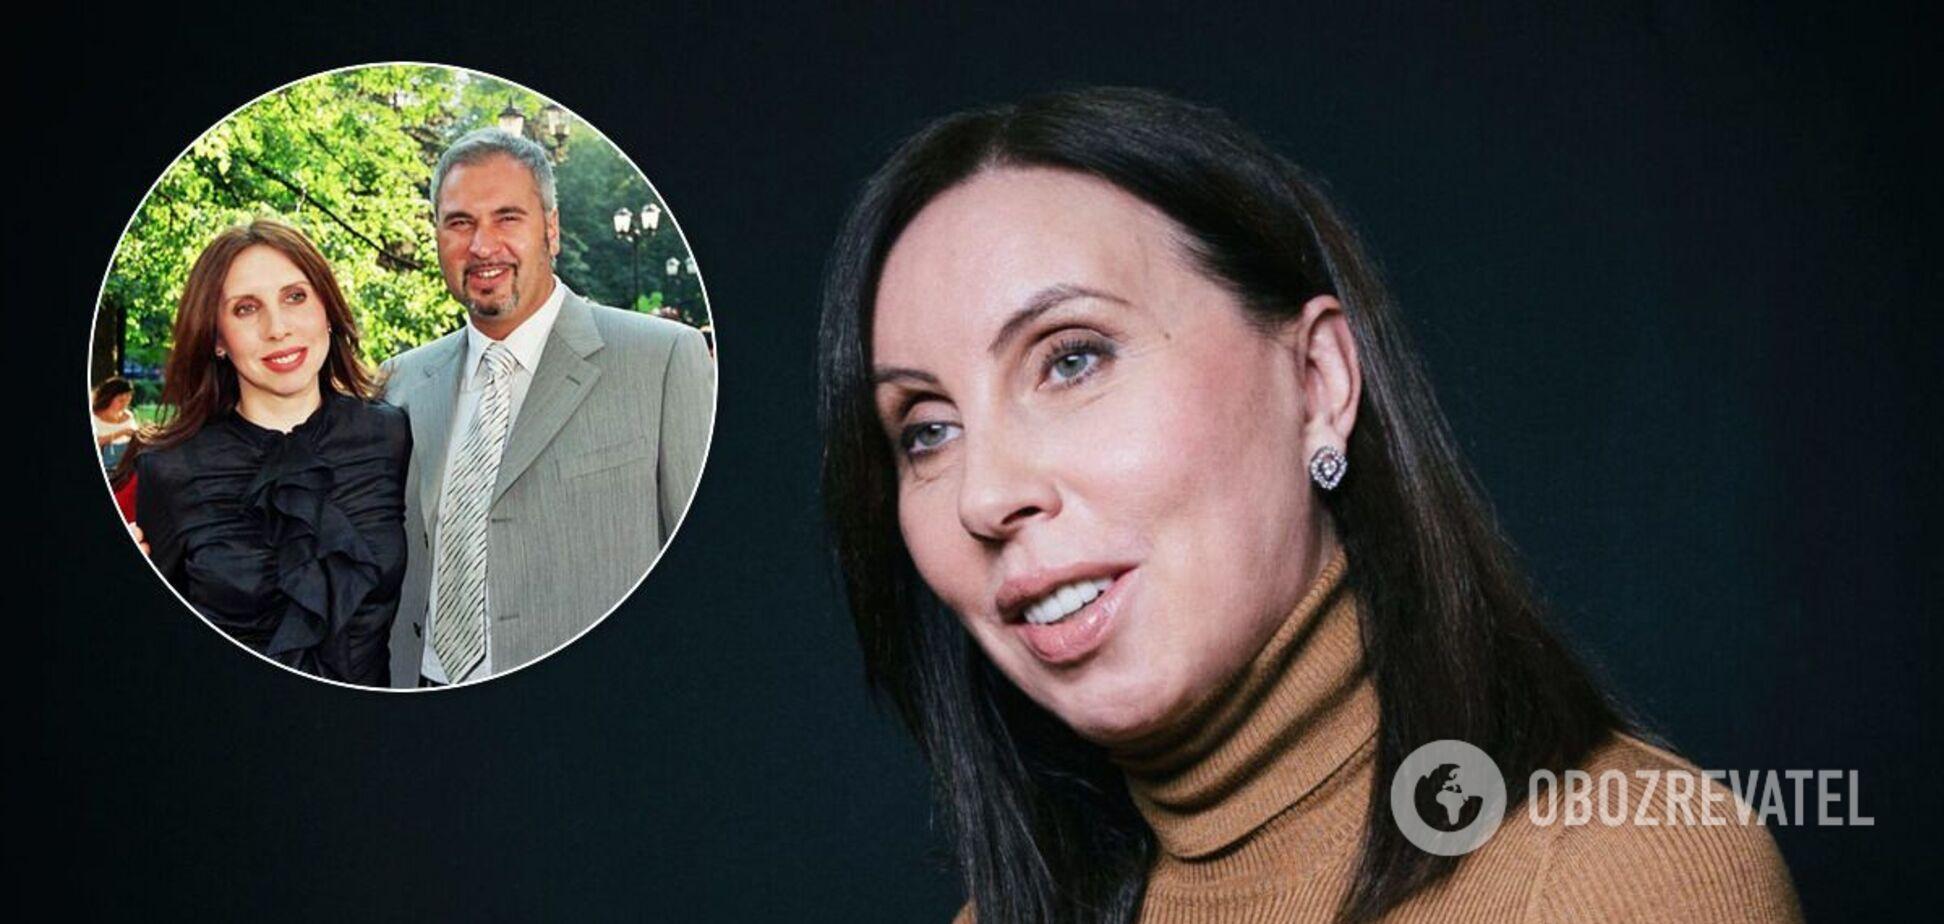 Экс-супруга Меладзе рассказала, как пережила развод с артистом